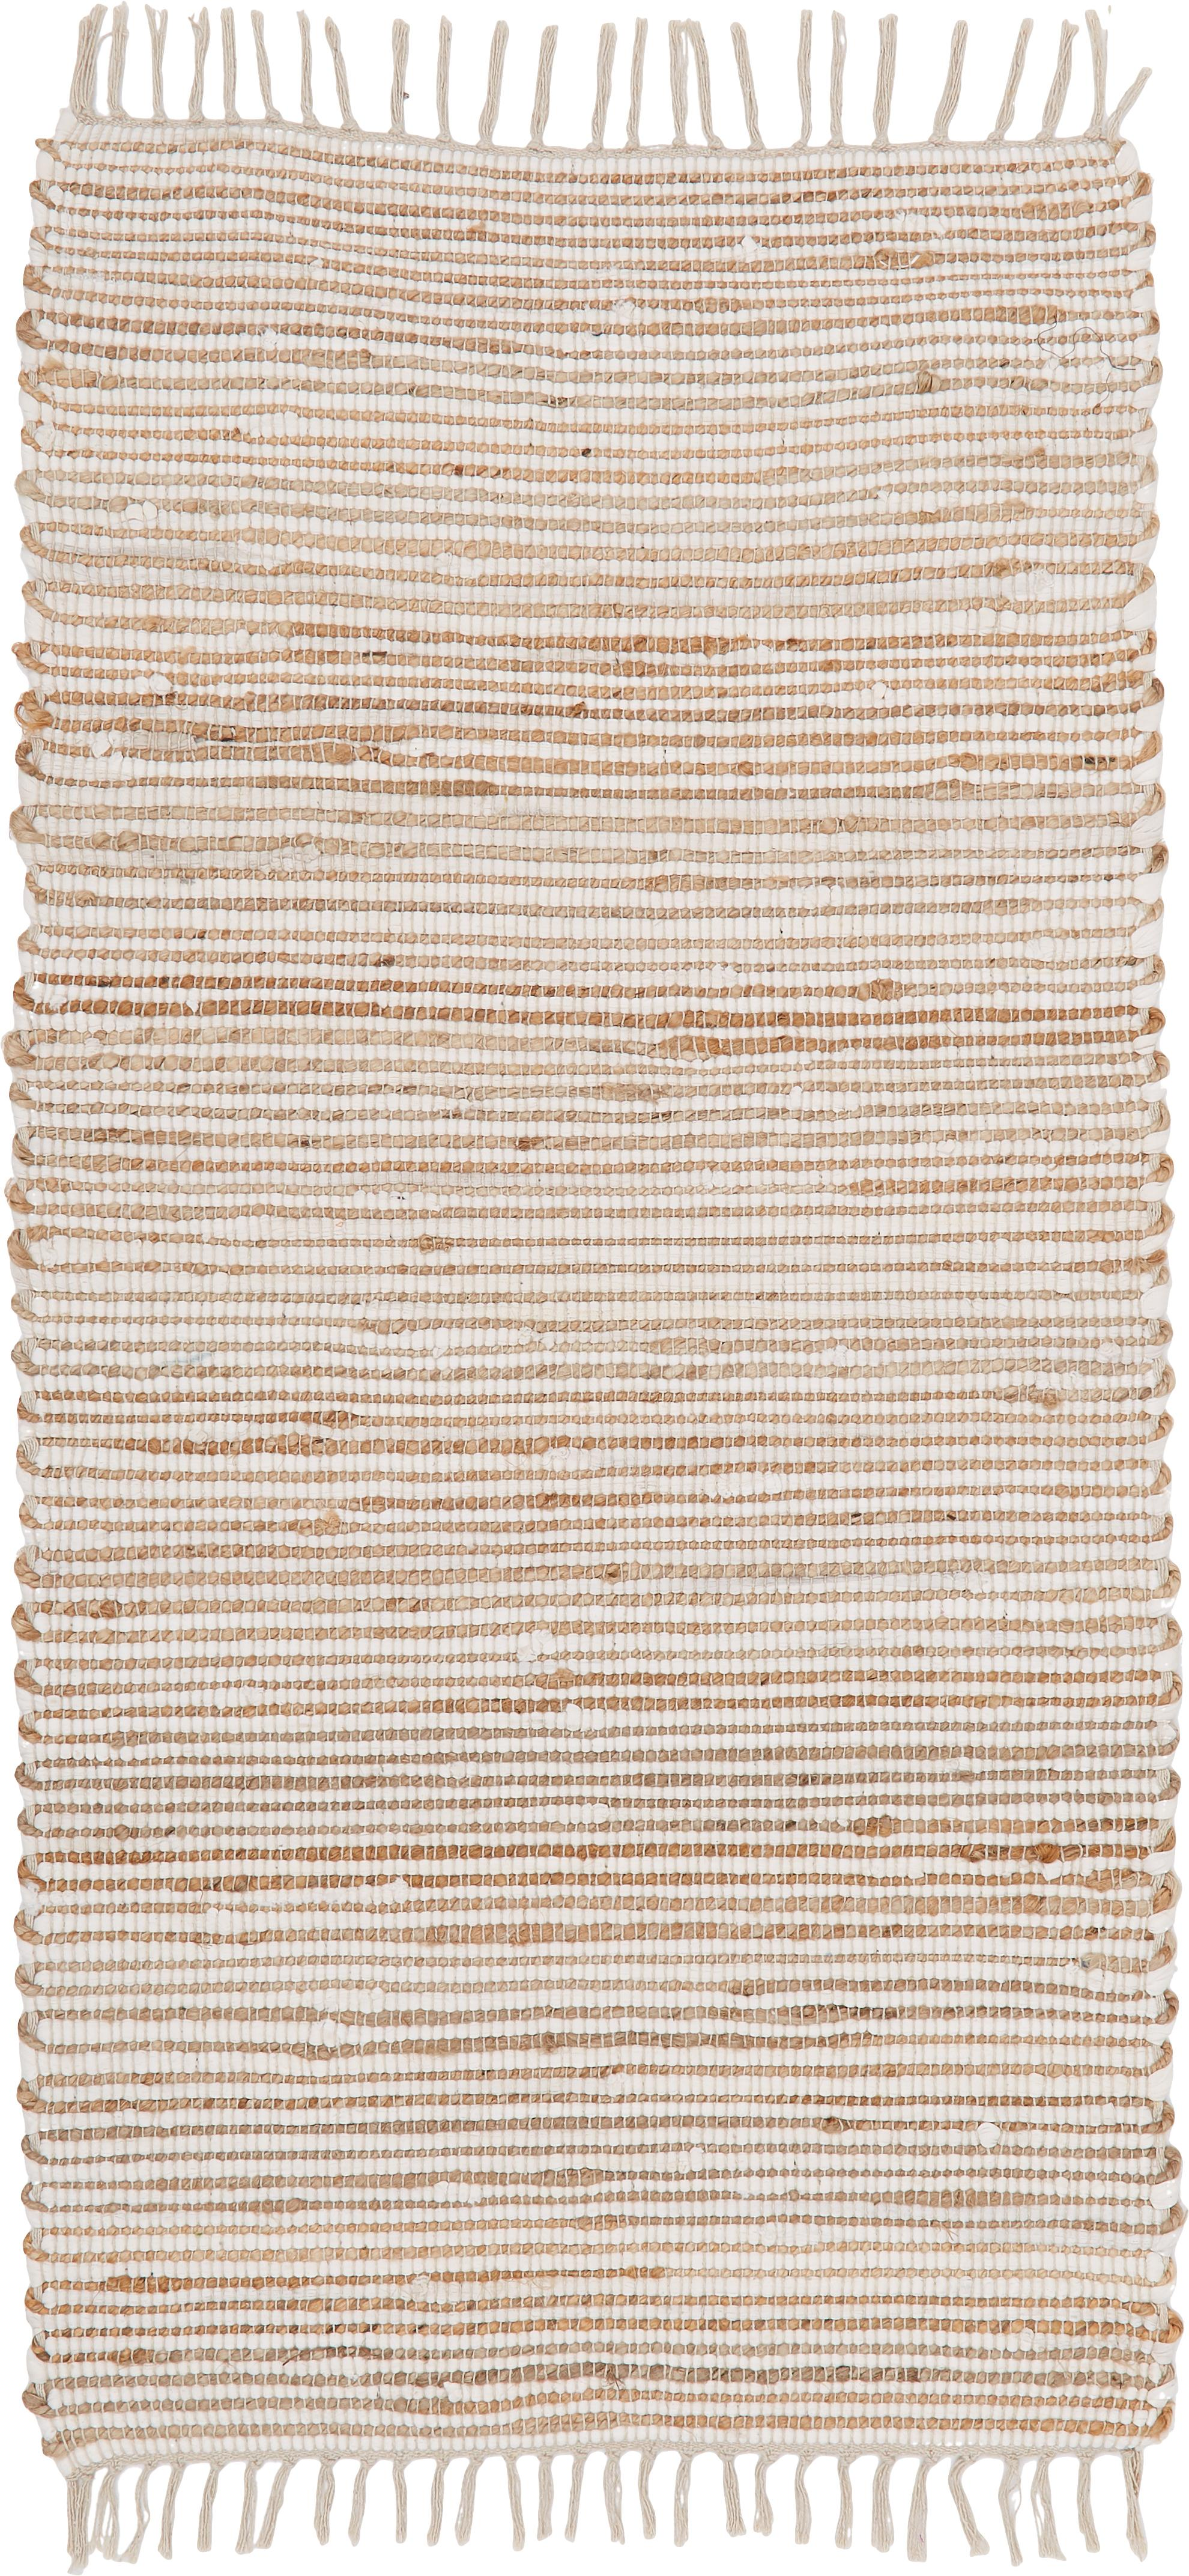 Teppich Arlid aus Baumwolle/Hanffasern, 60% Baumwolle, 40% Hanffasern, Creme, Beige, B 60 x L 120 cm (Grösse XS)